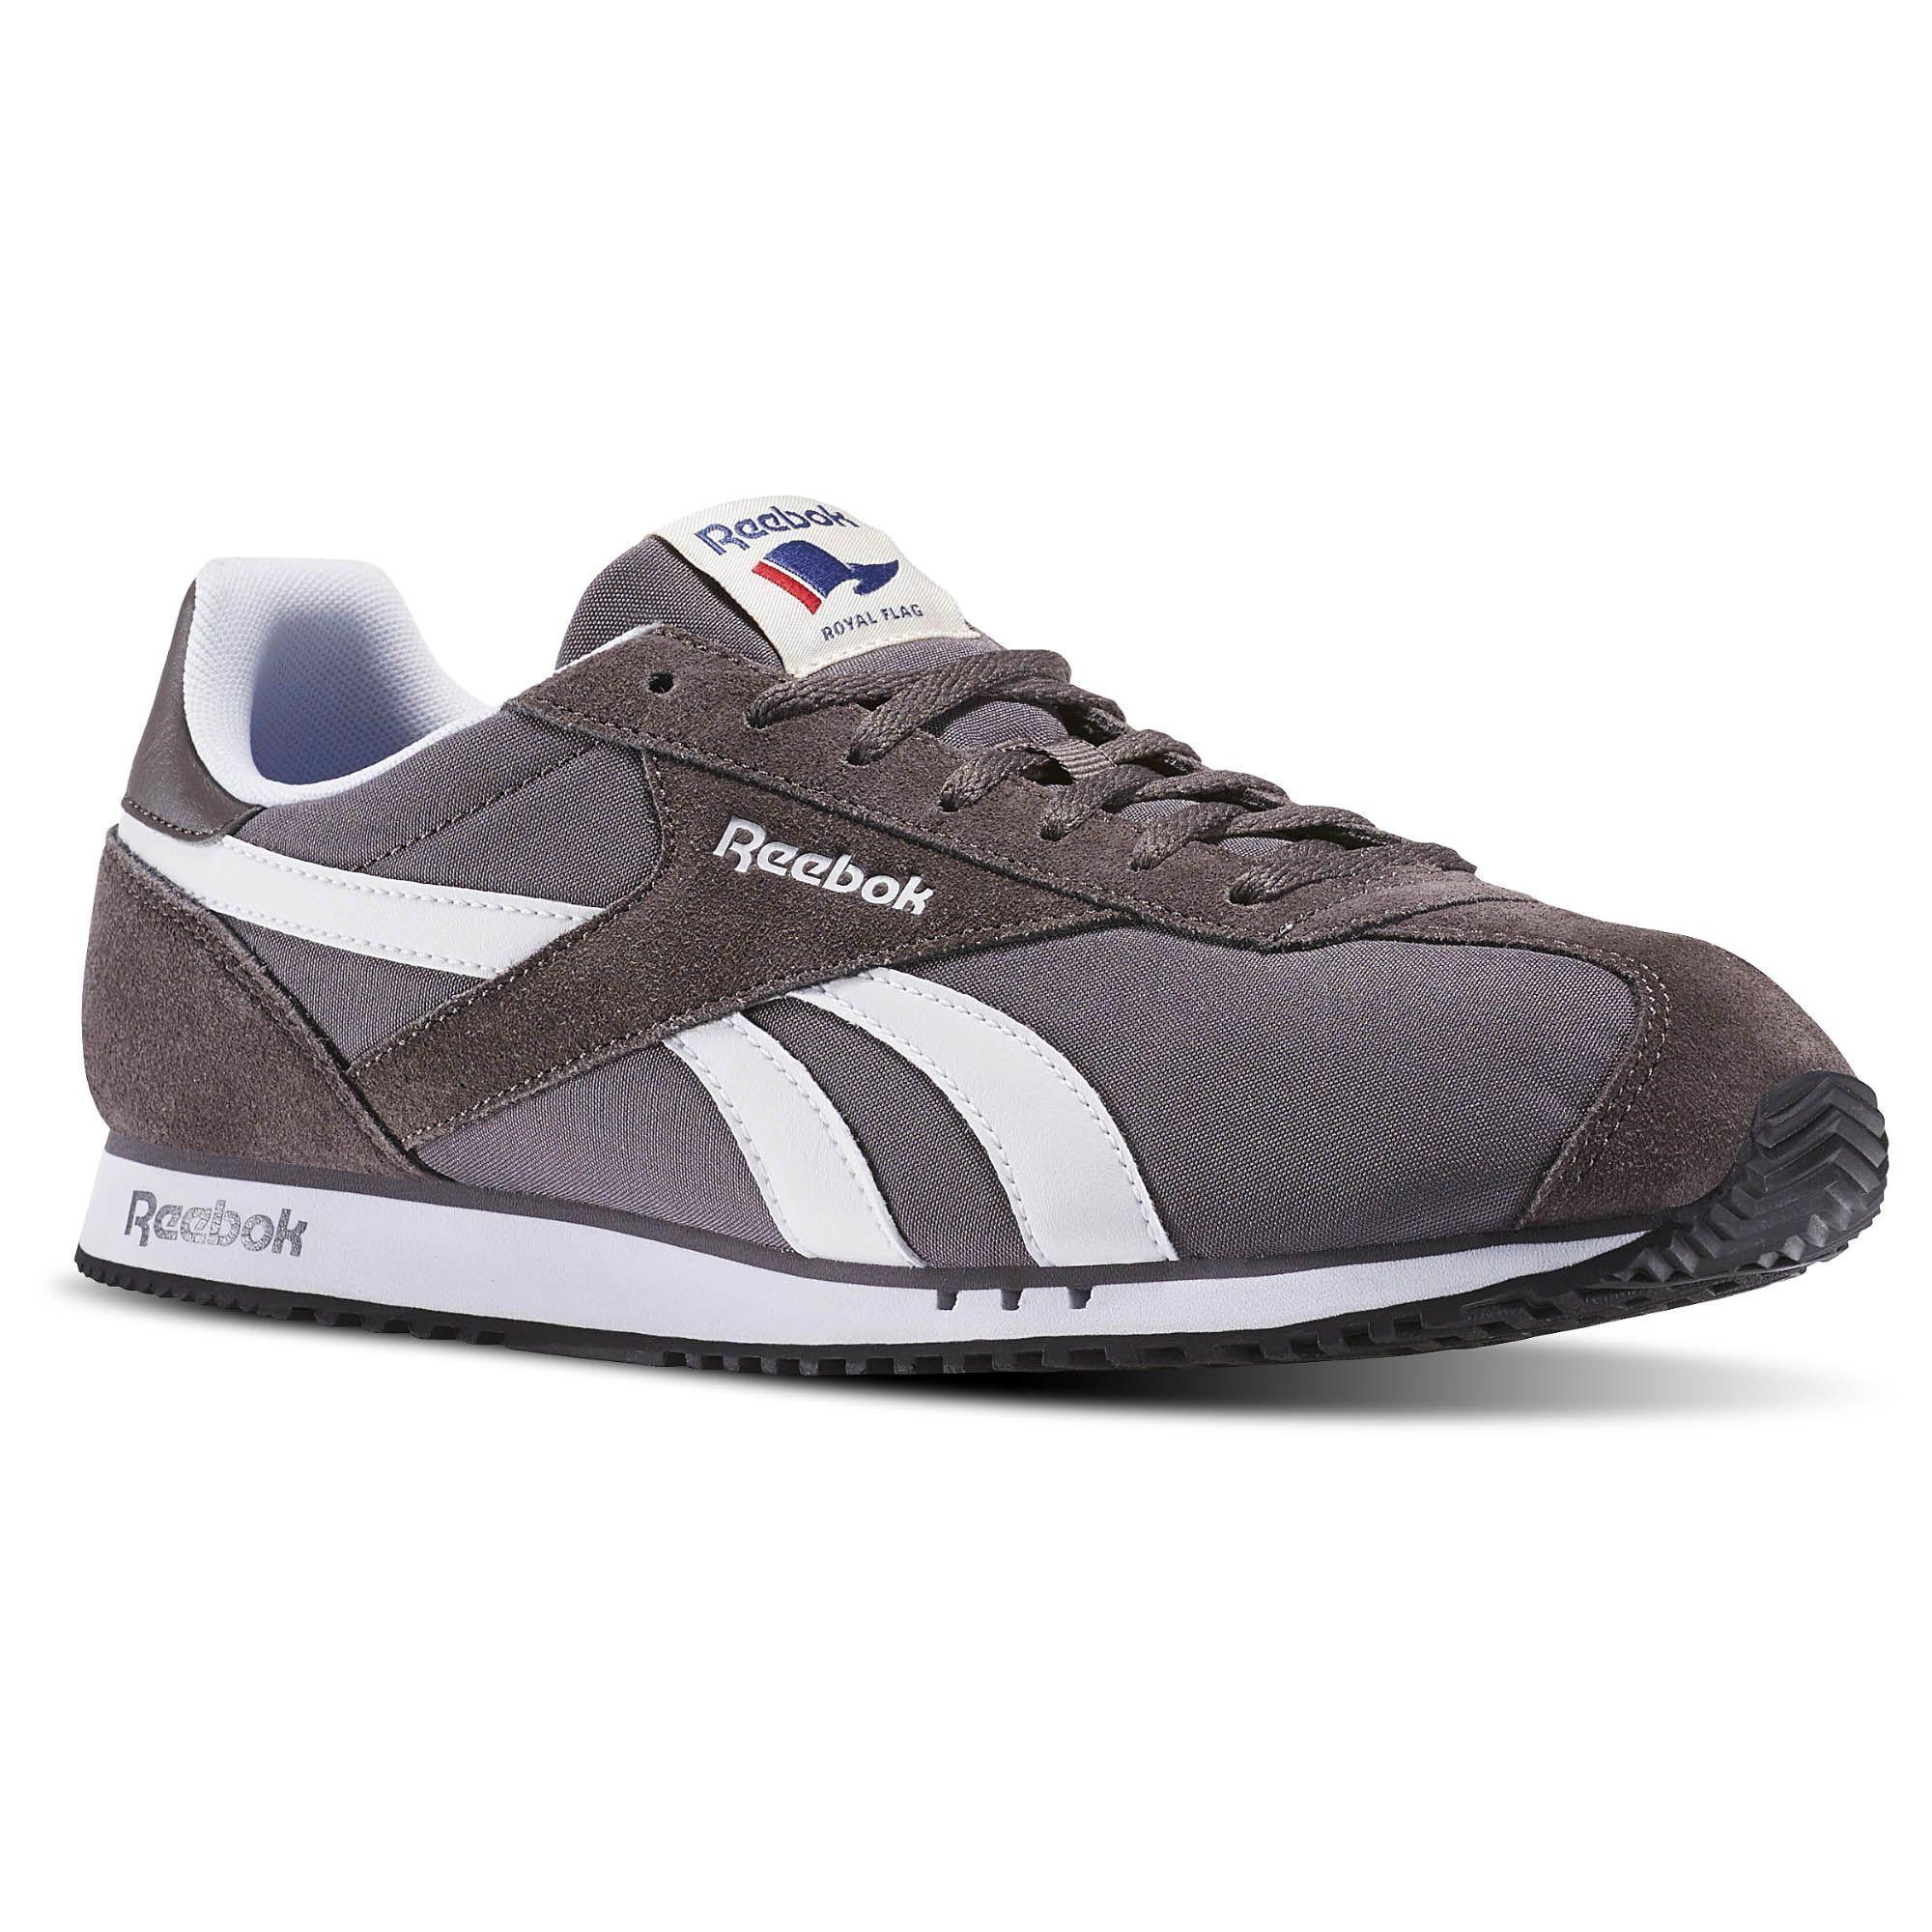 Reebok BD3270 REEBOK ROYAL ALPEREZ DASH Kahverengi Erkek Yürüyüş Koşu Ayakkabısı